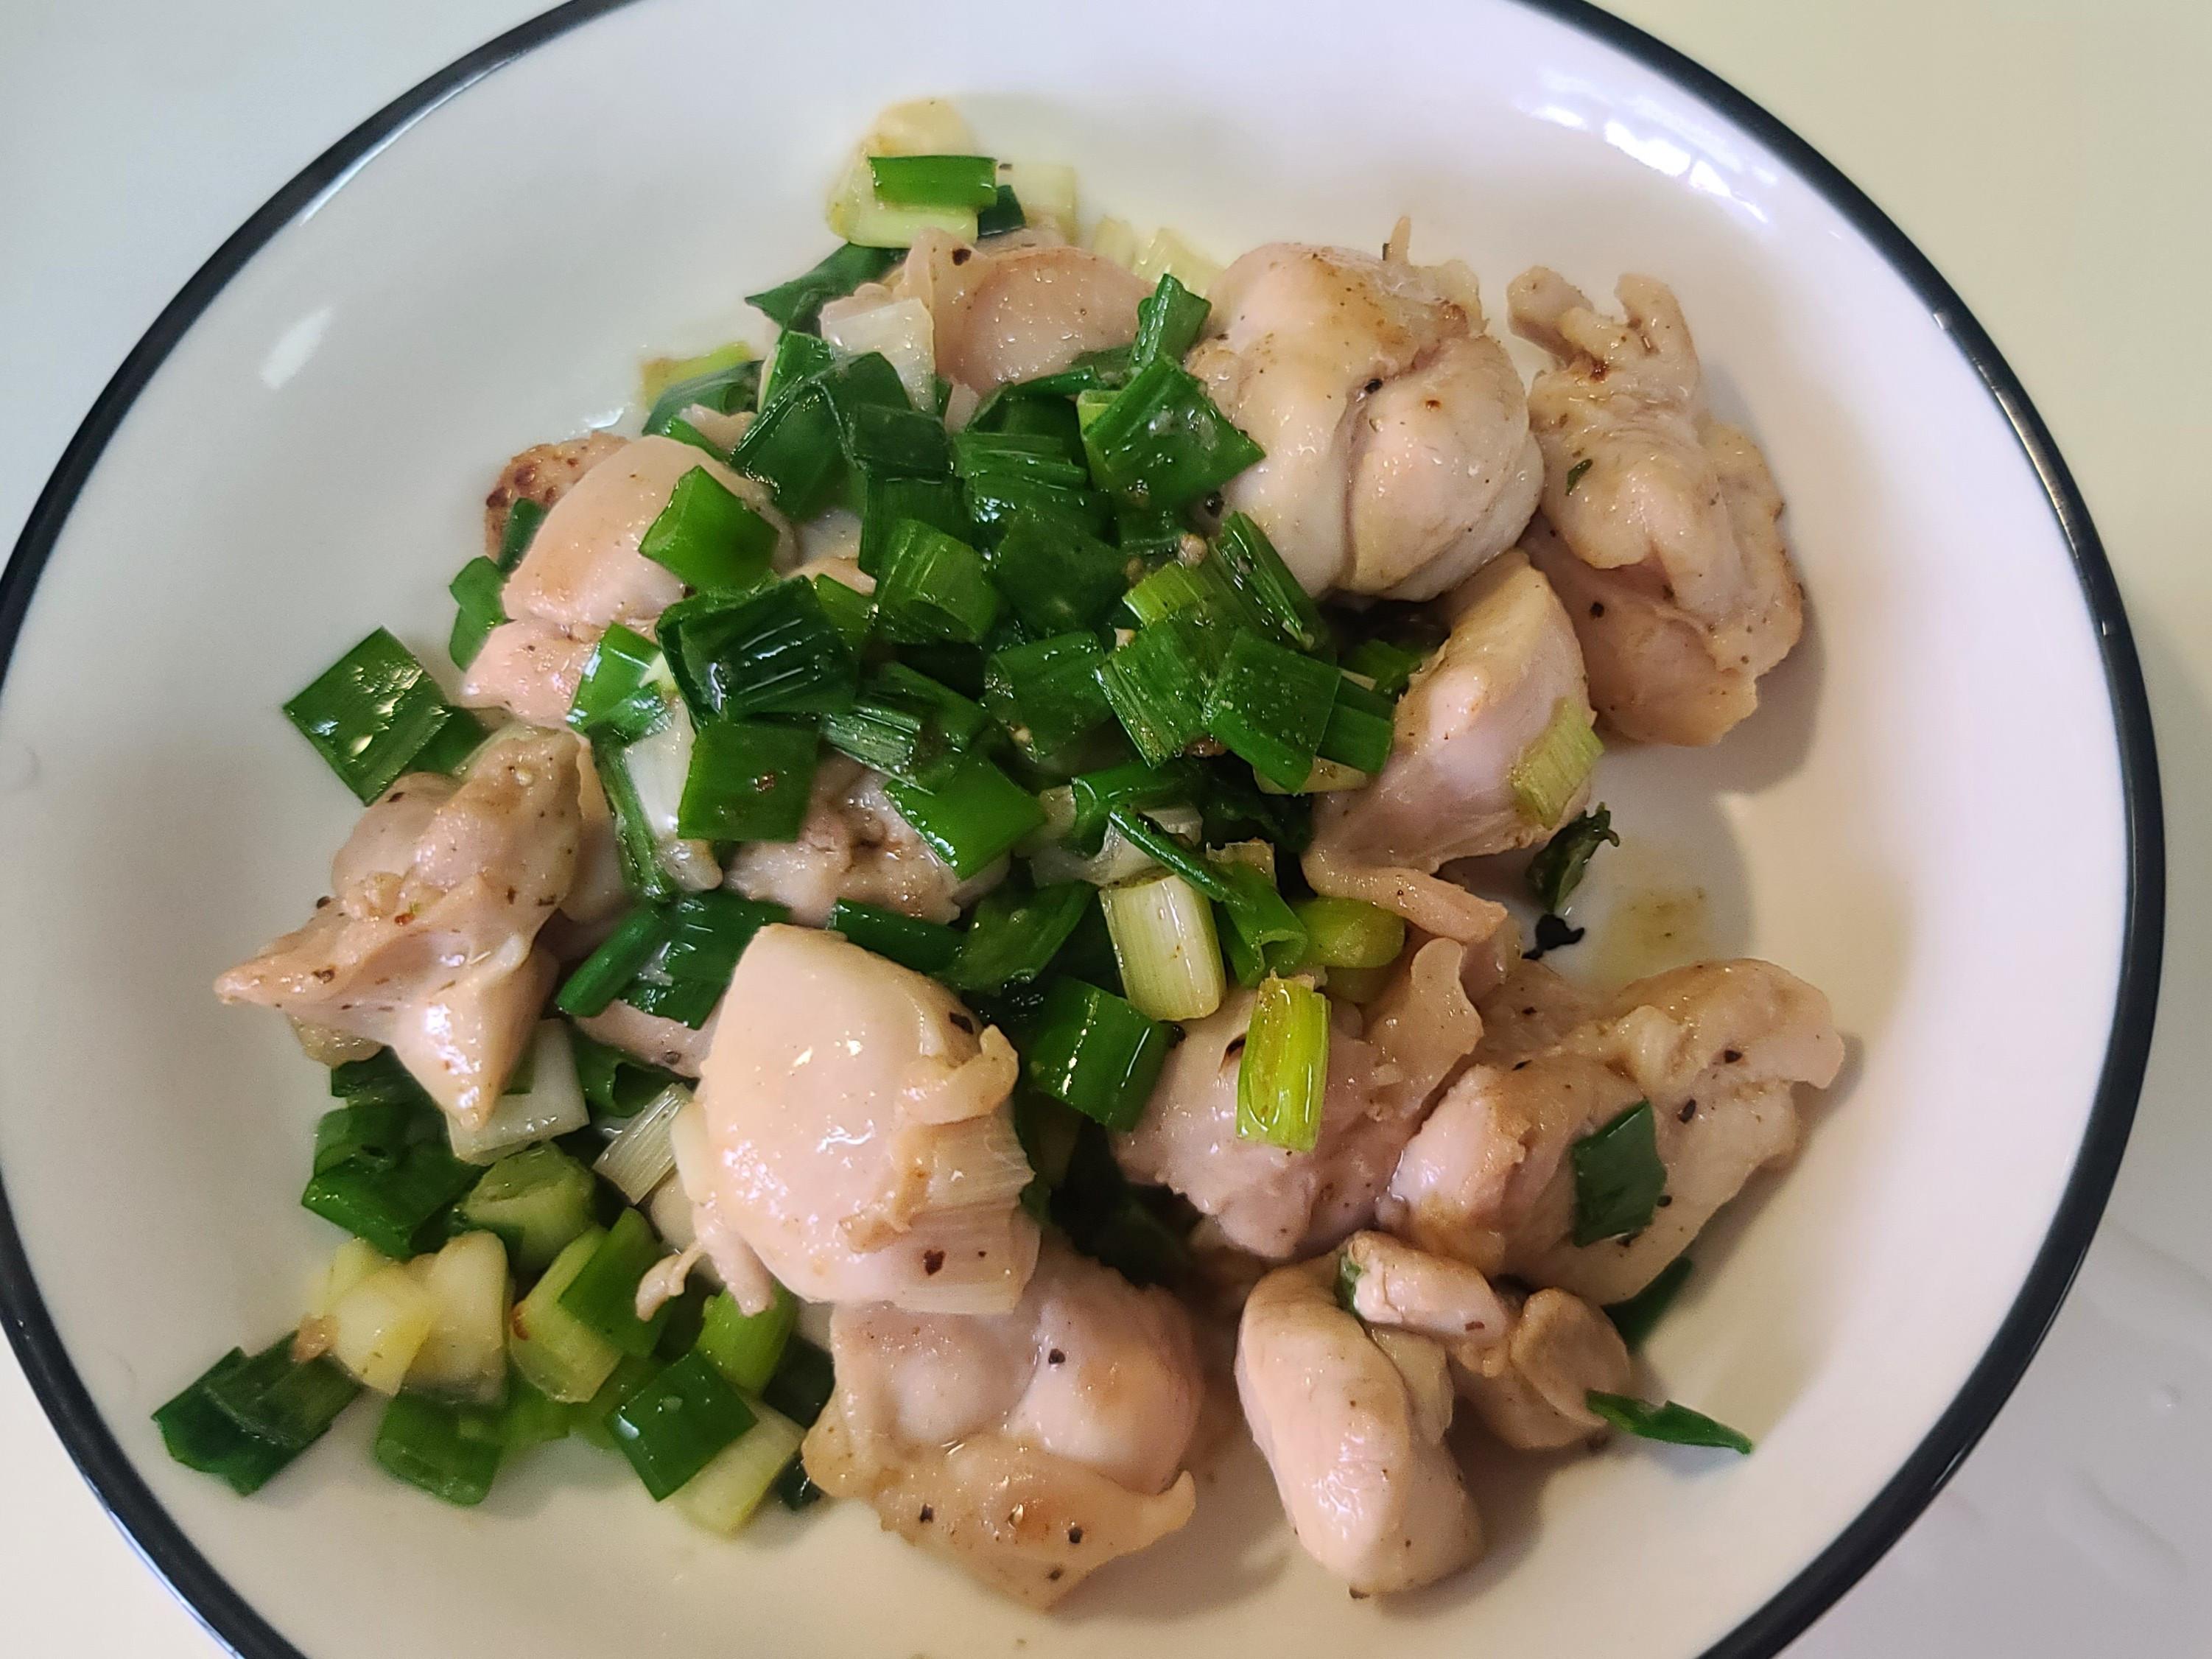 10分鐘料理-蔥爆奶油雞腿